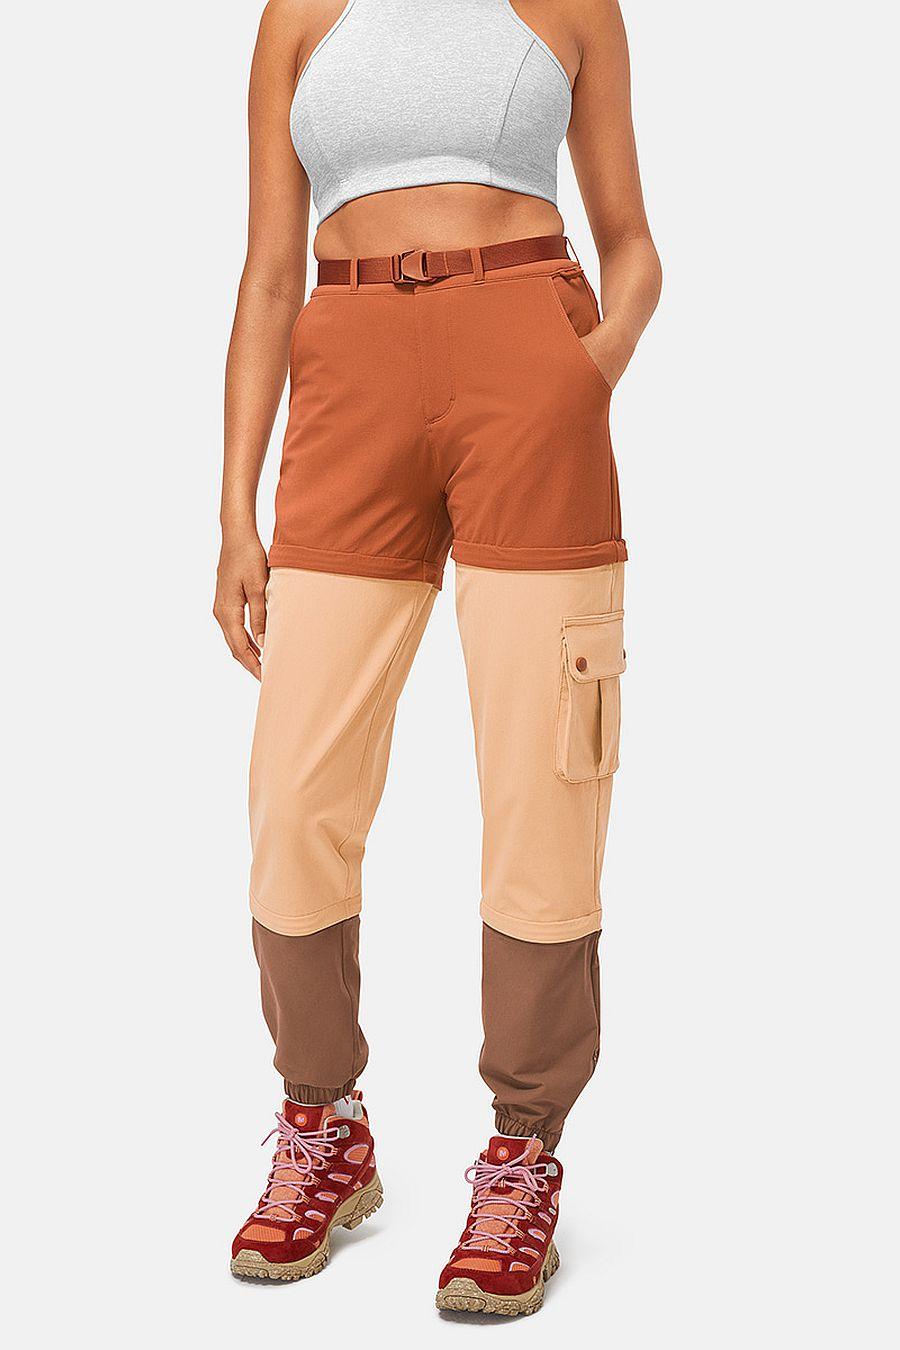 Outdoor Voices Zip-Off Pants